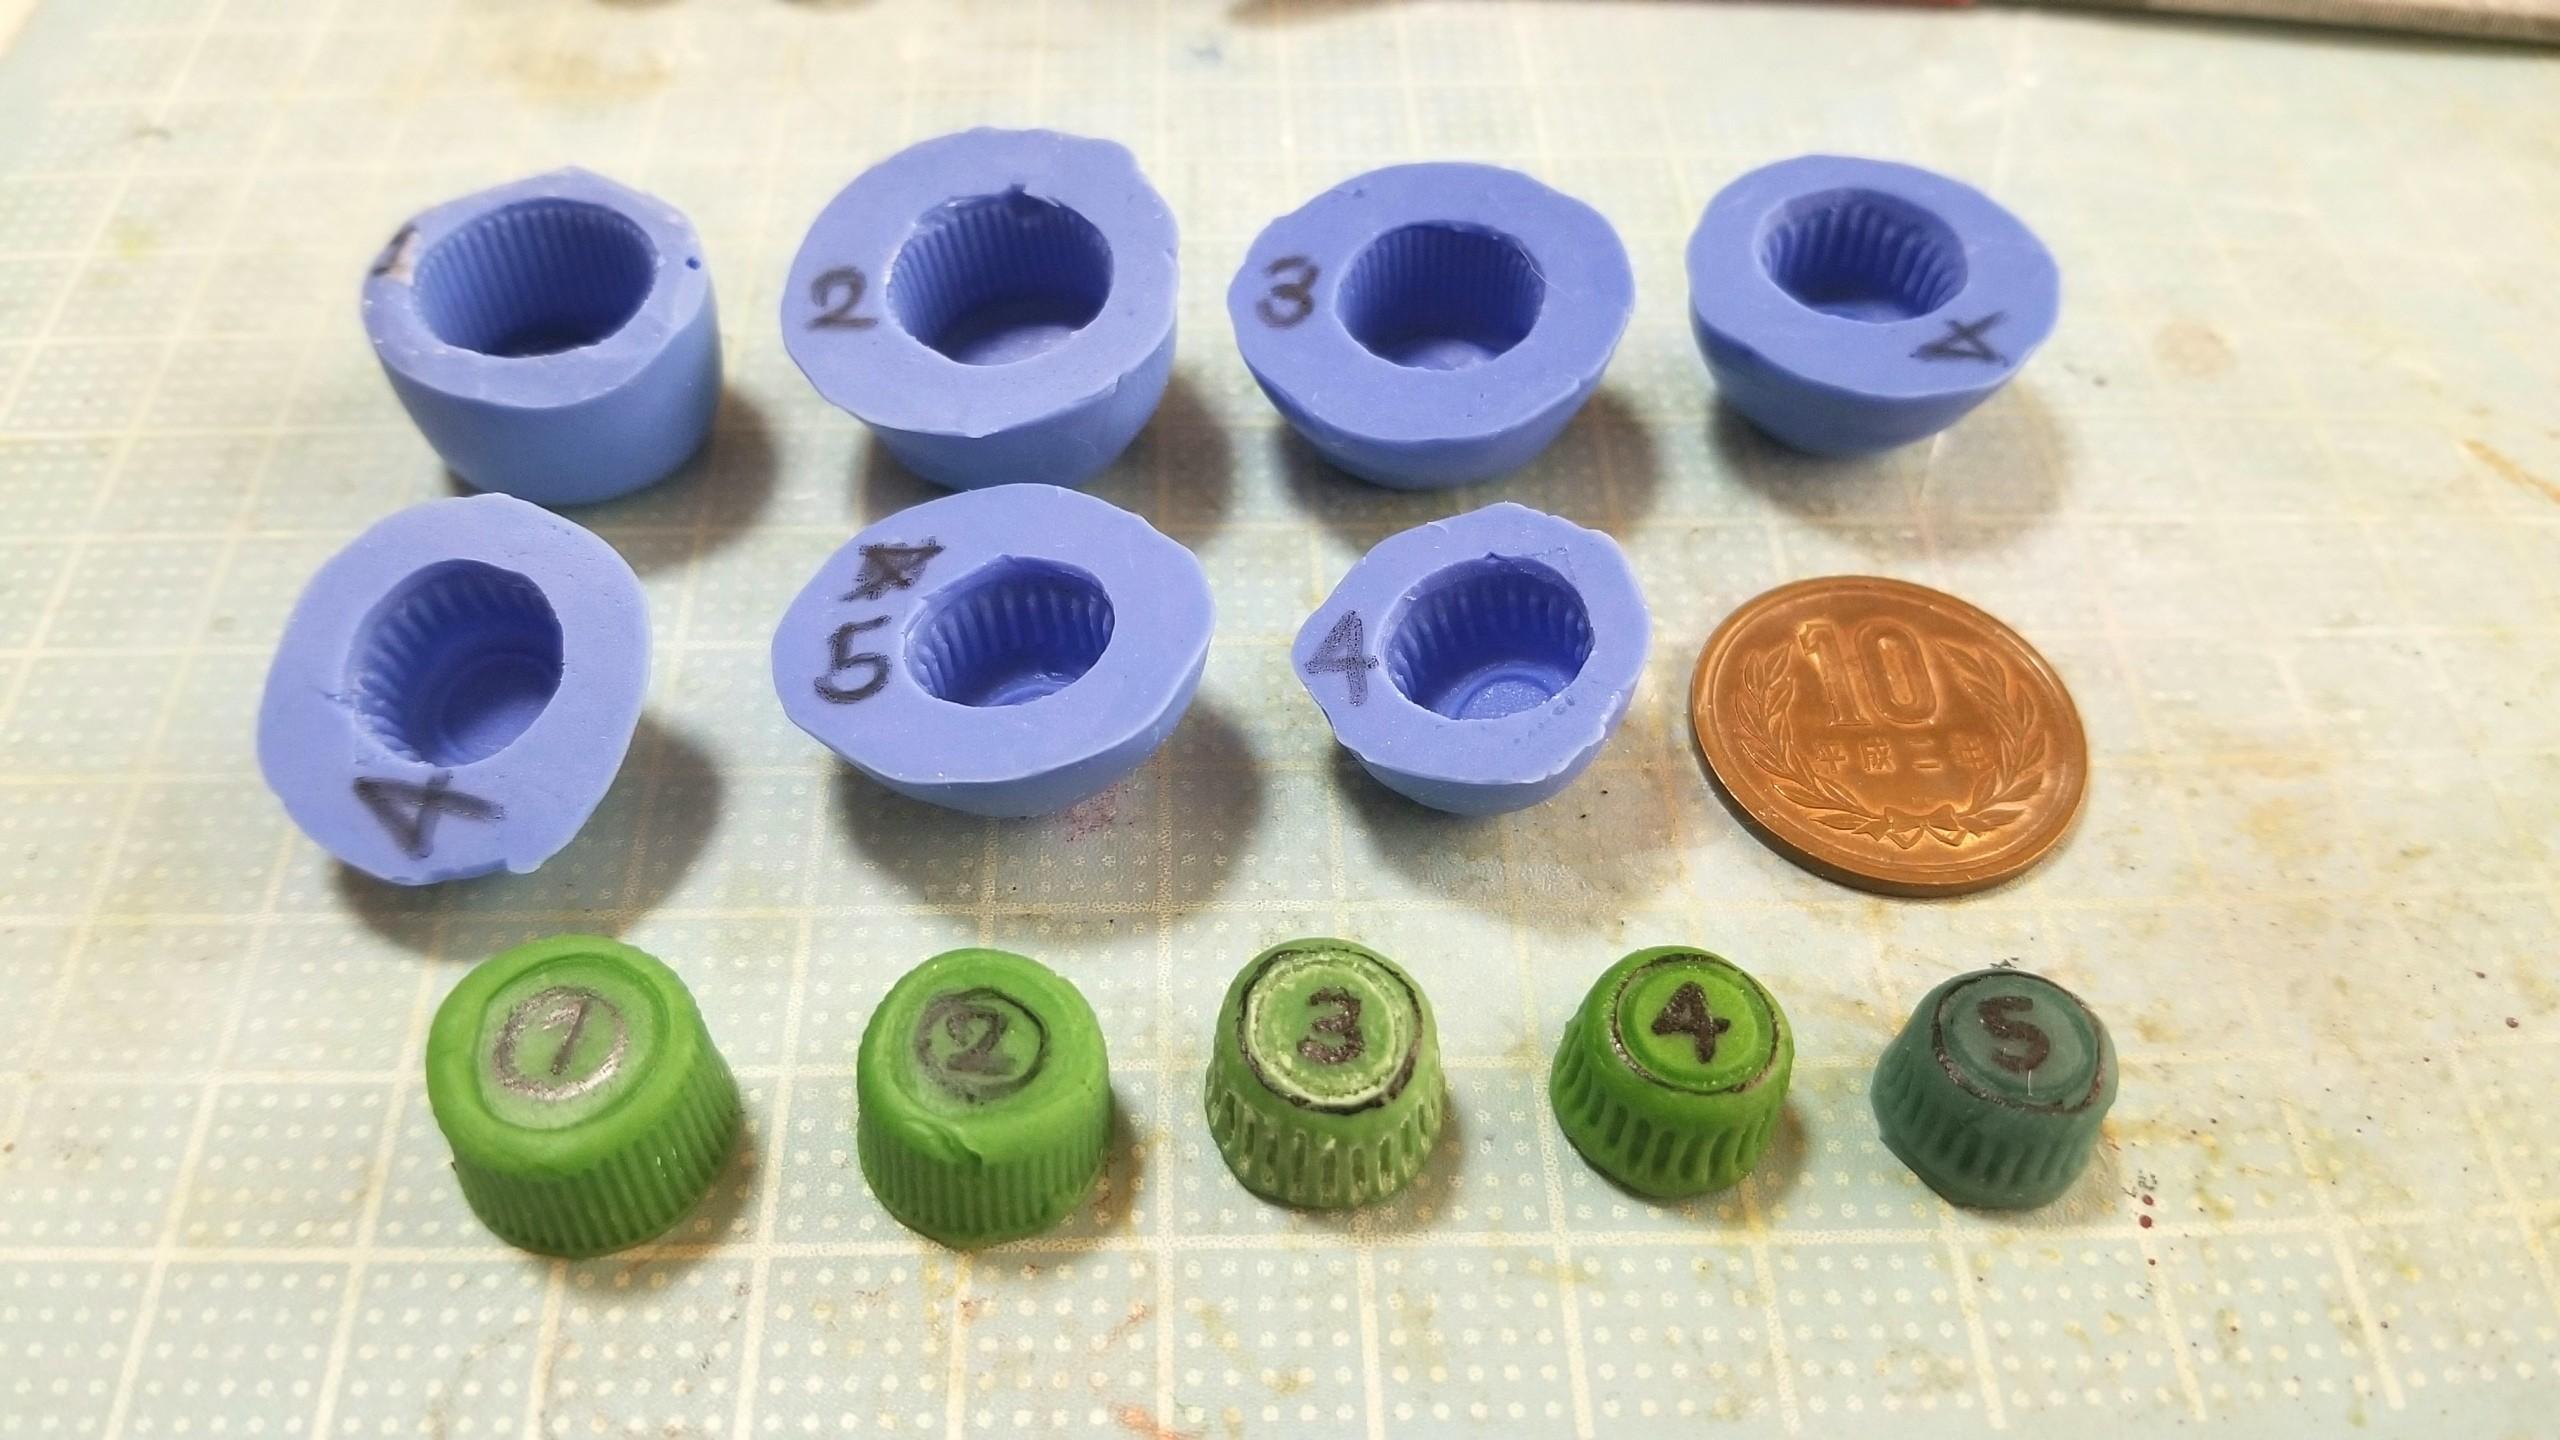 ミニチュア,コップ,マグカップの原型,作り方,樹脂粘土,フェイク,食玩